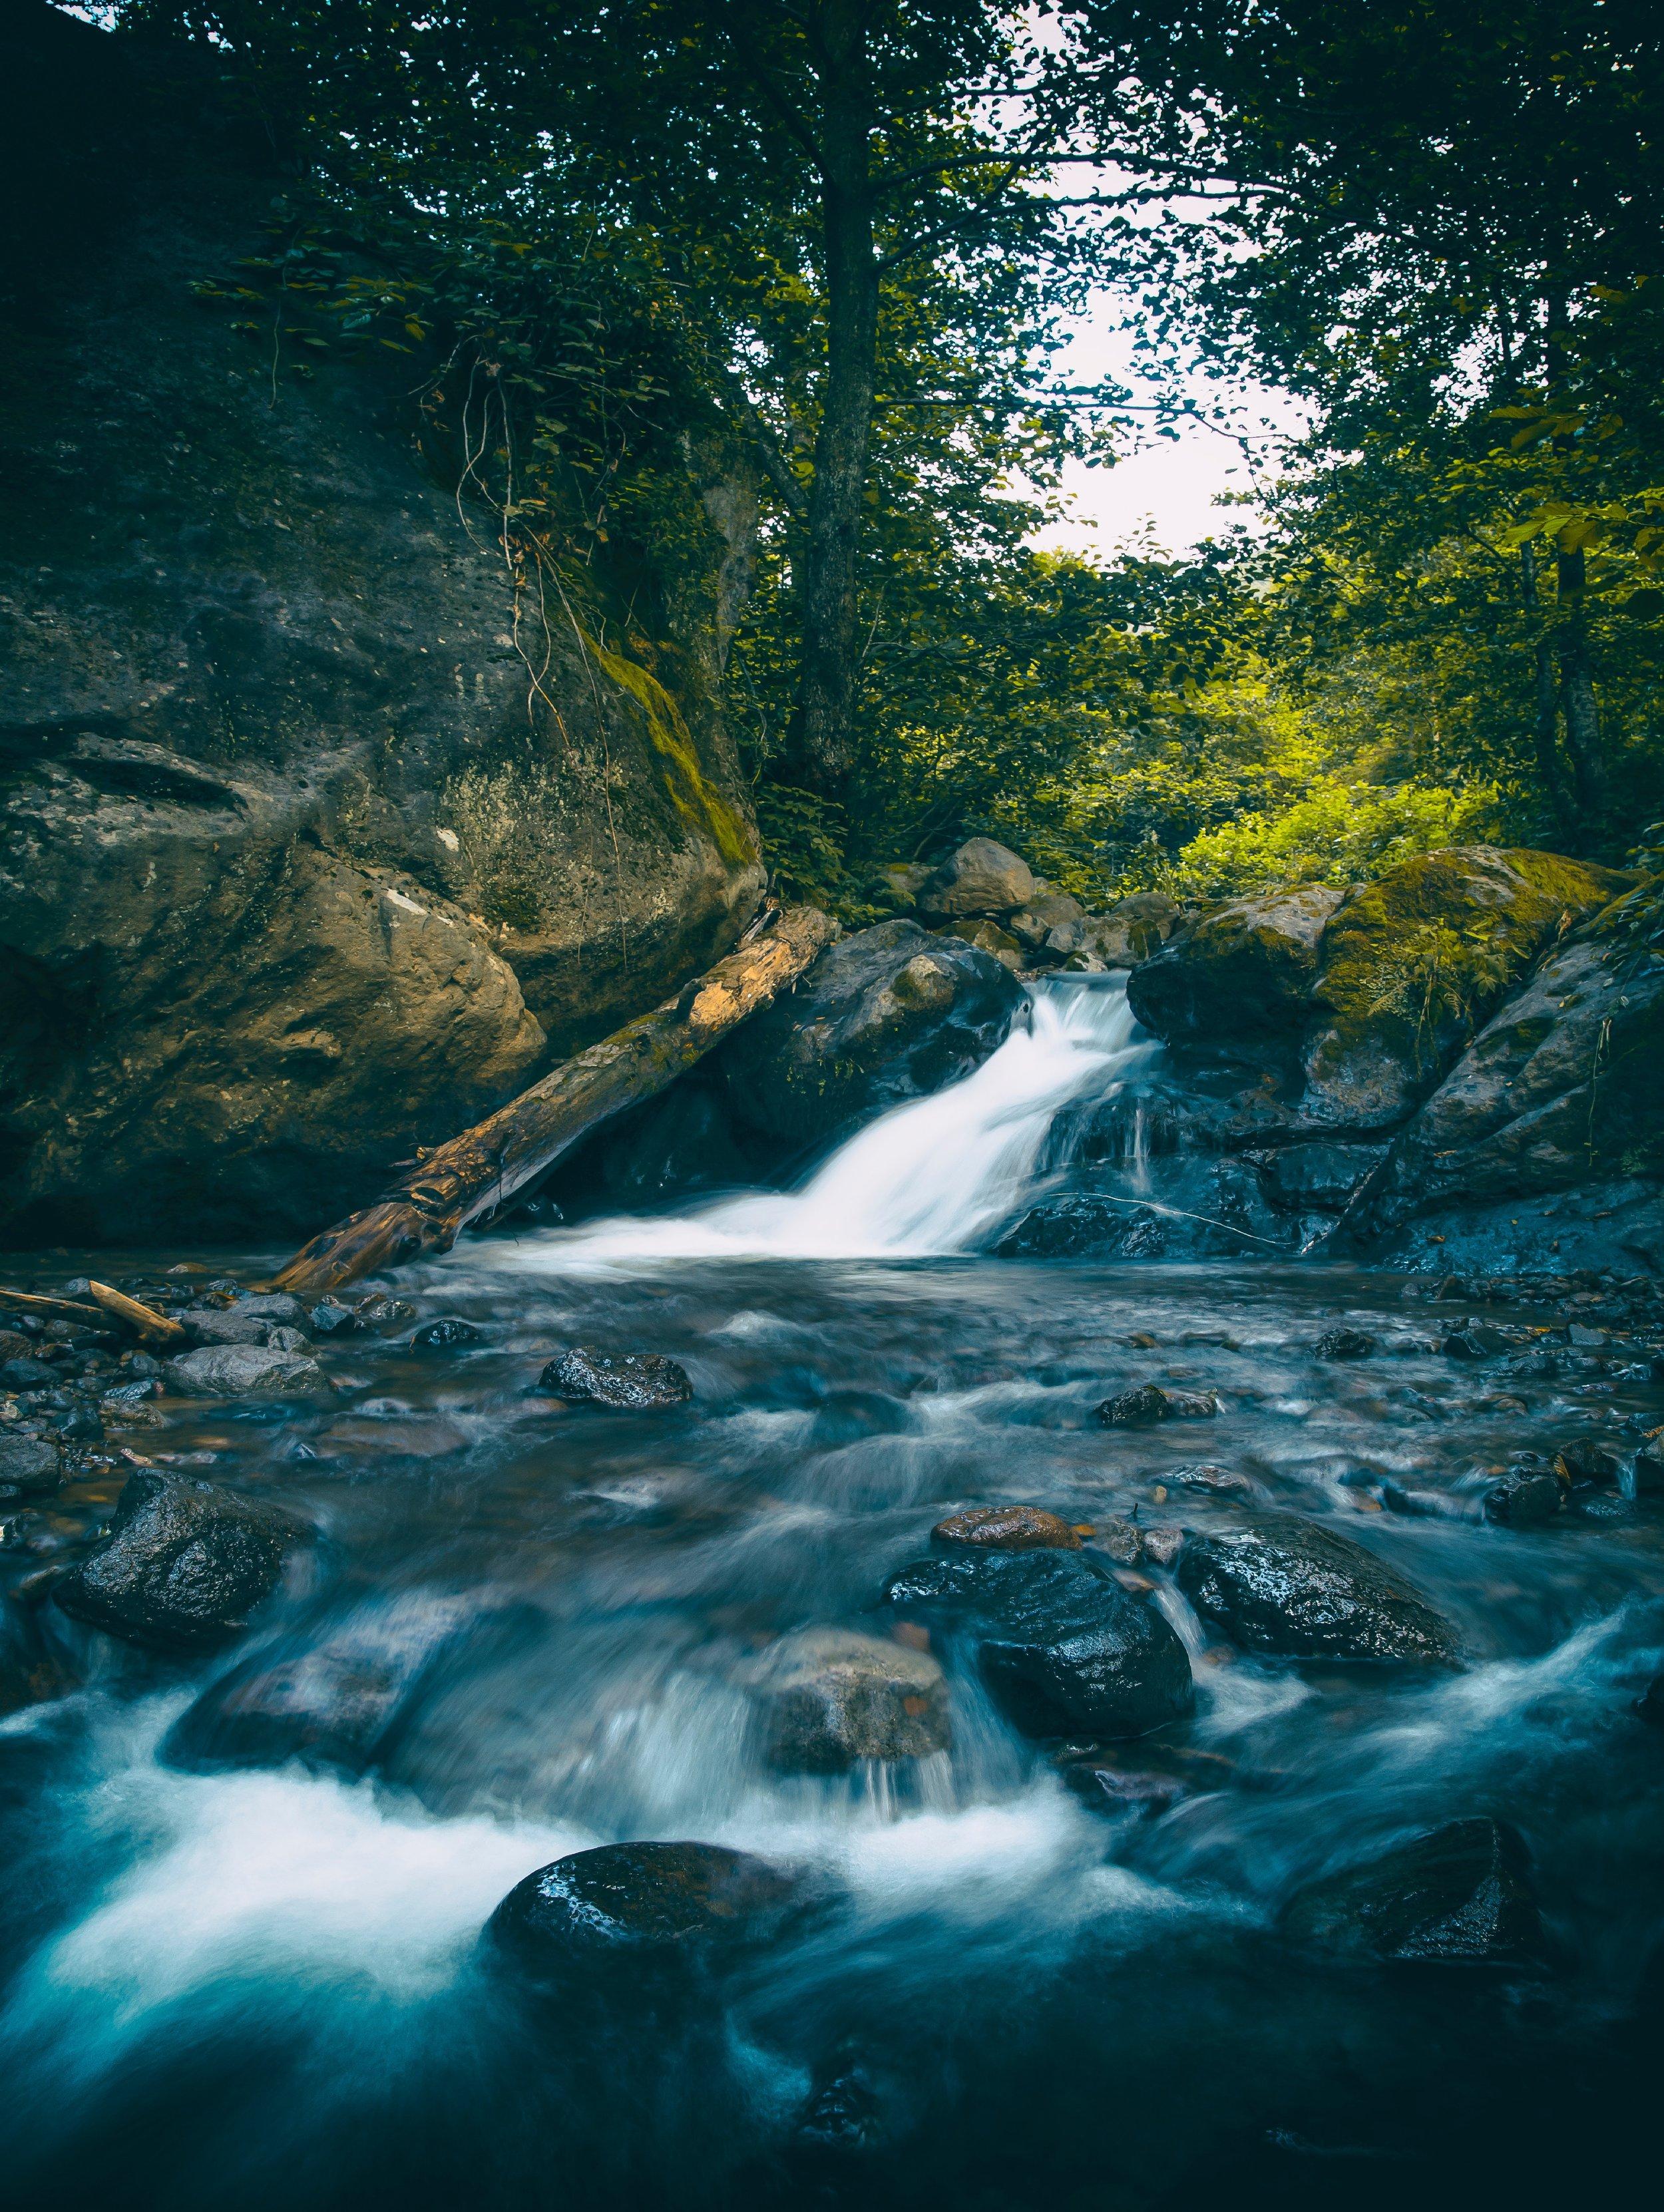 boulders-cascade-daylight-2108374.jpg